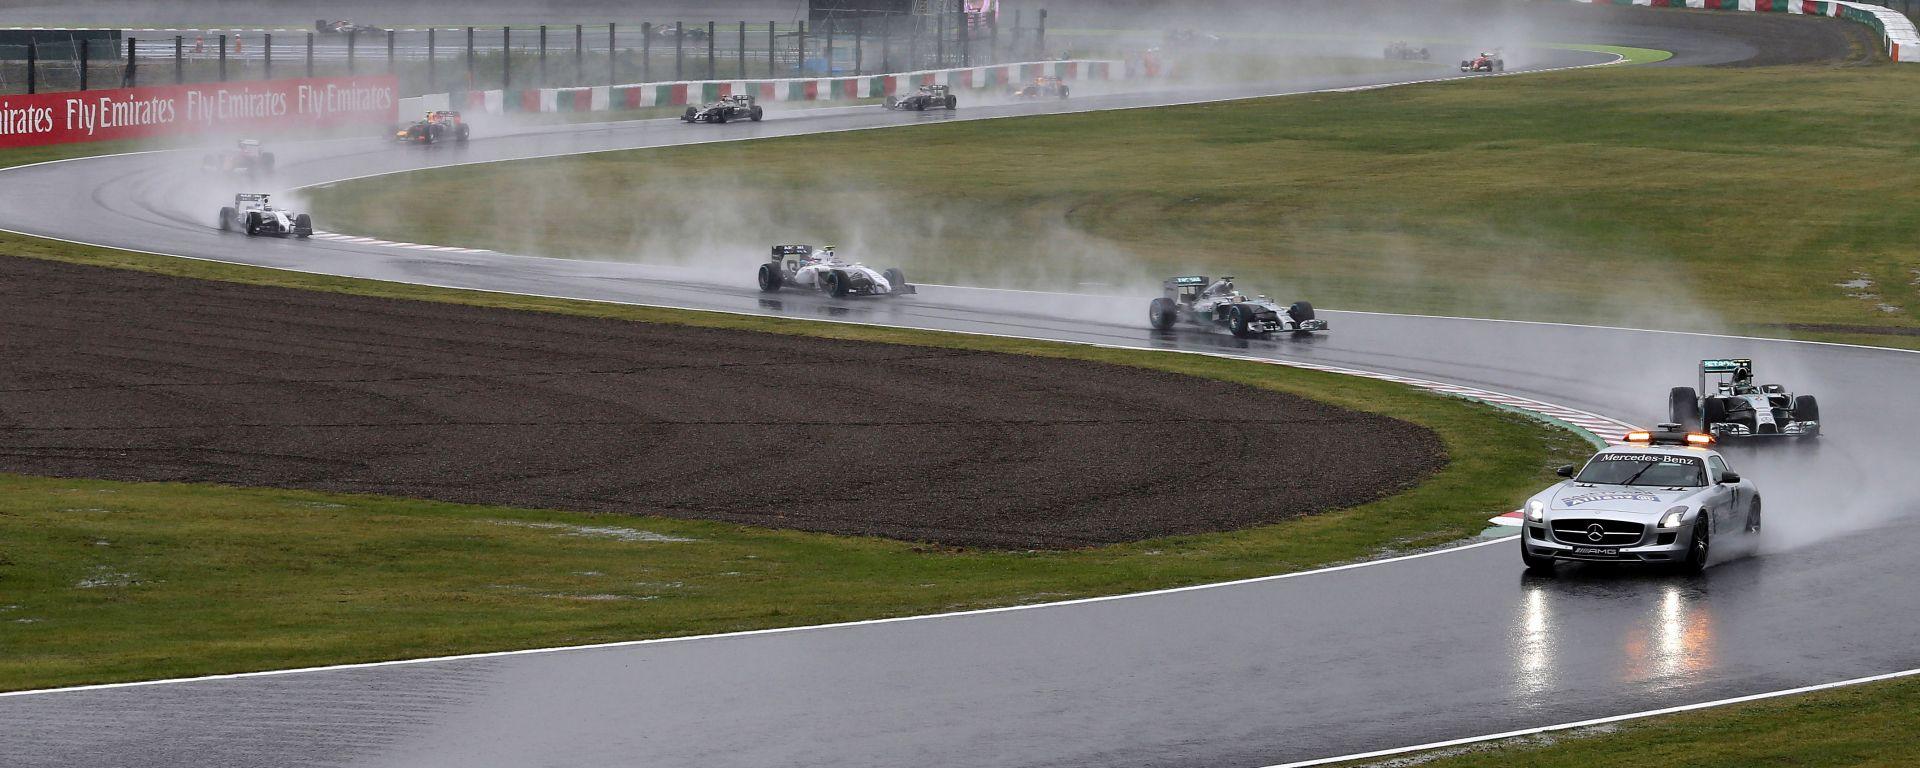 F1 GP Giappone 2014, Suzuka: le vetture in fila dietro la Safety Car